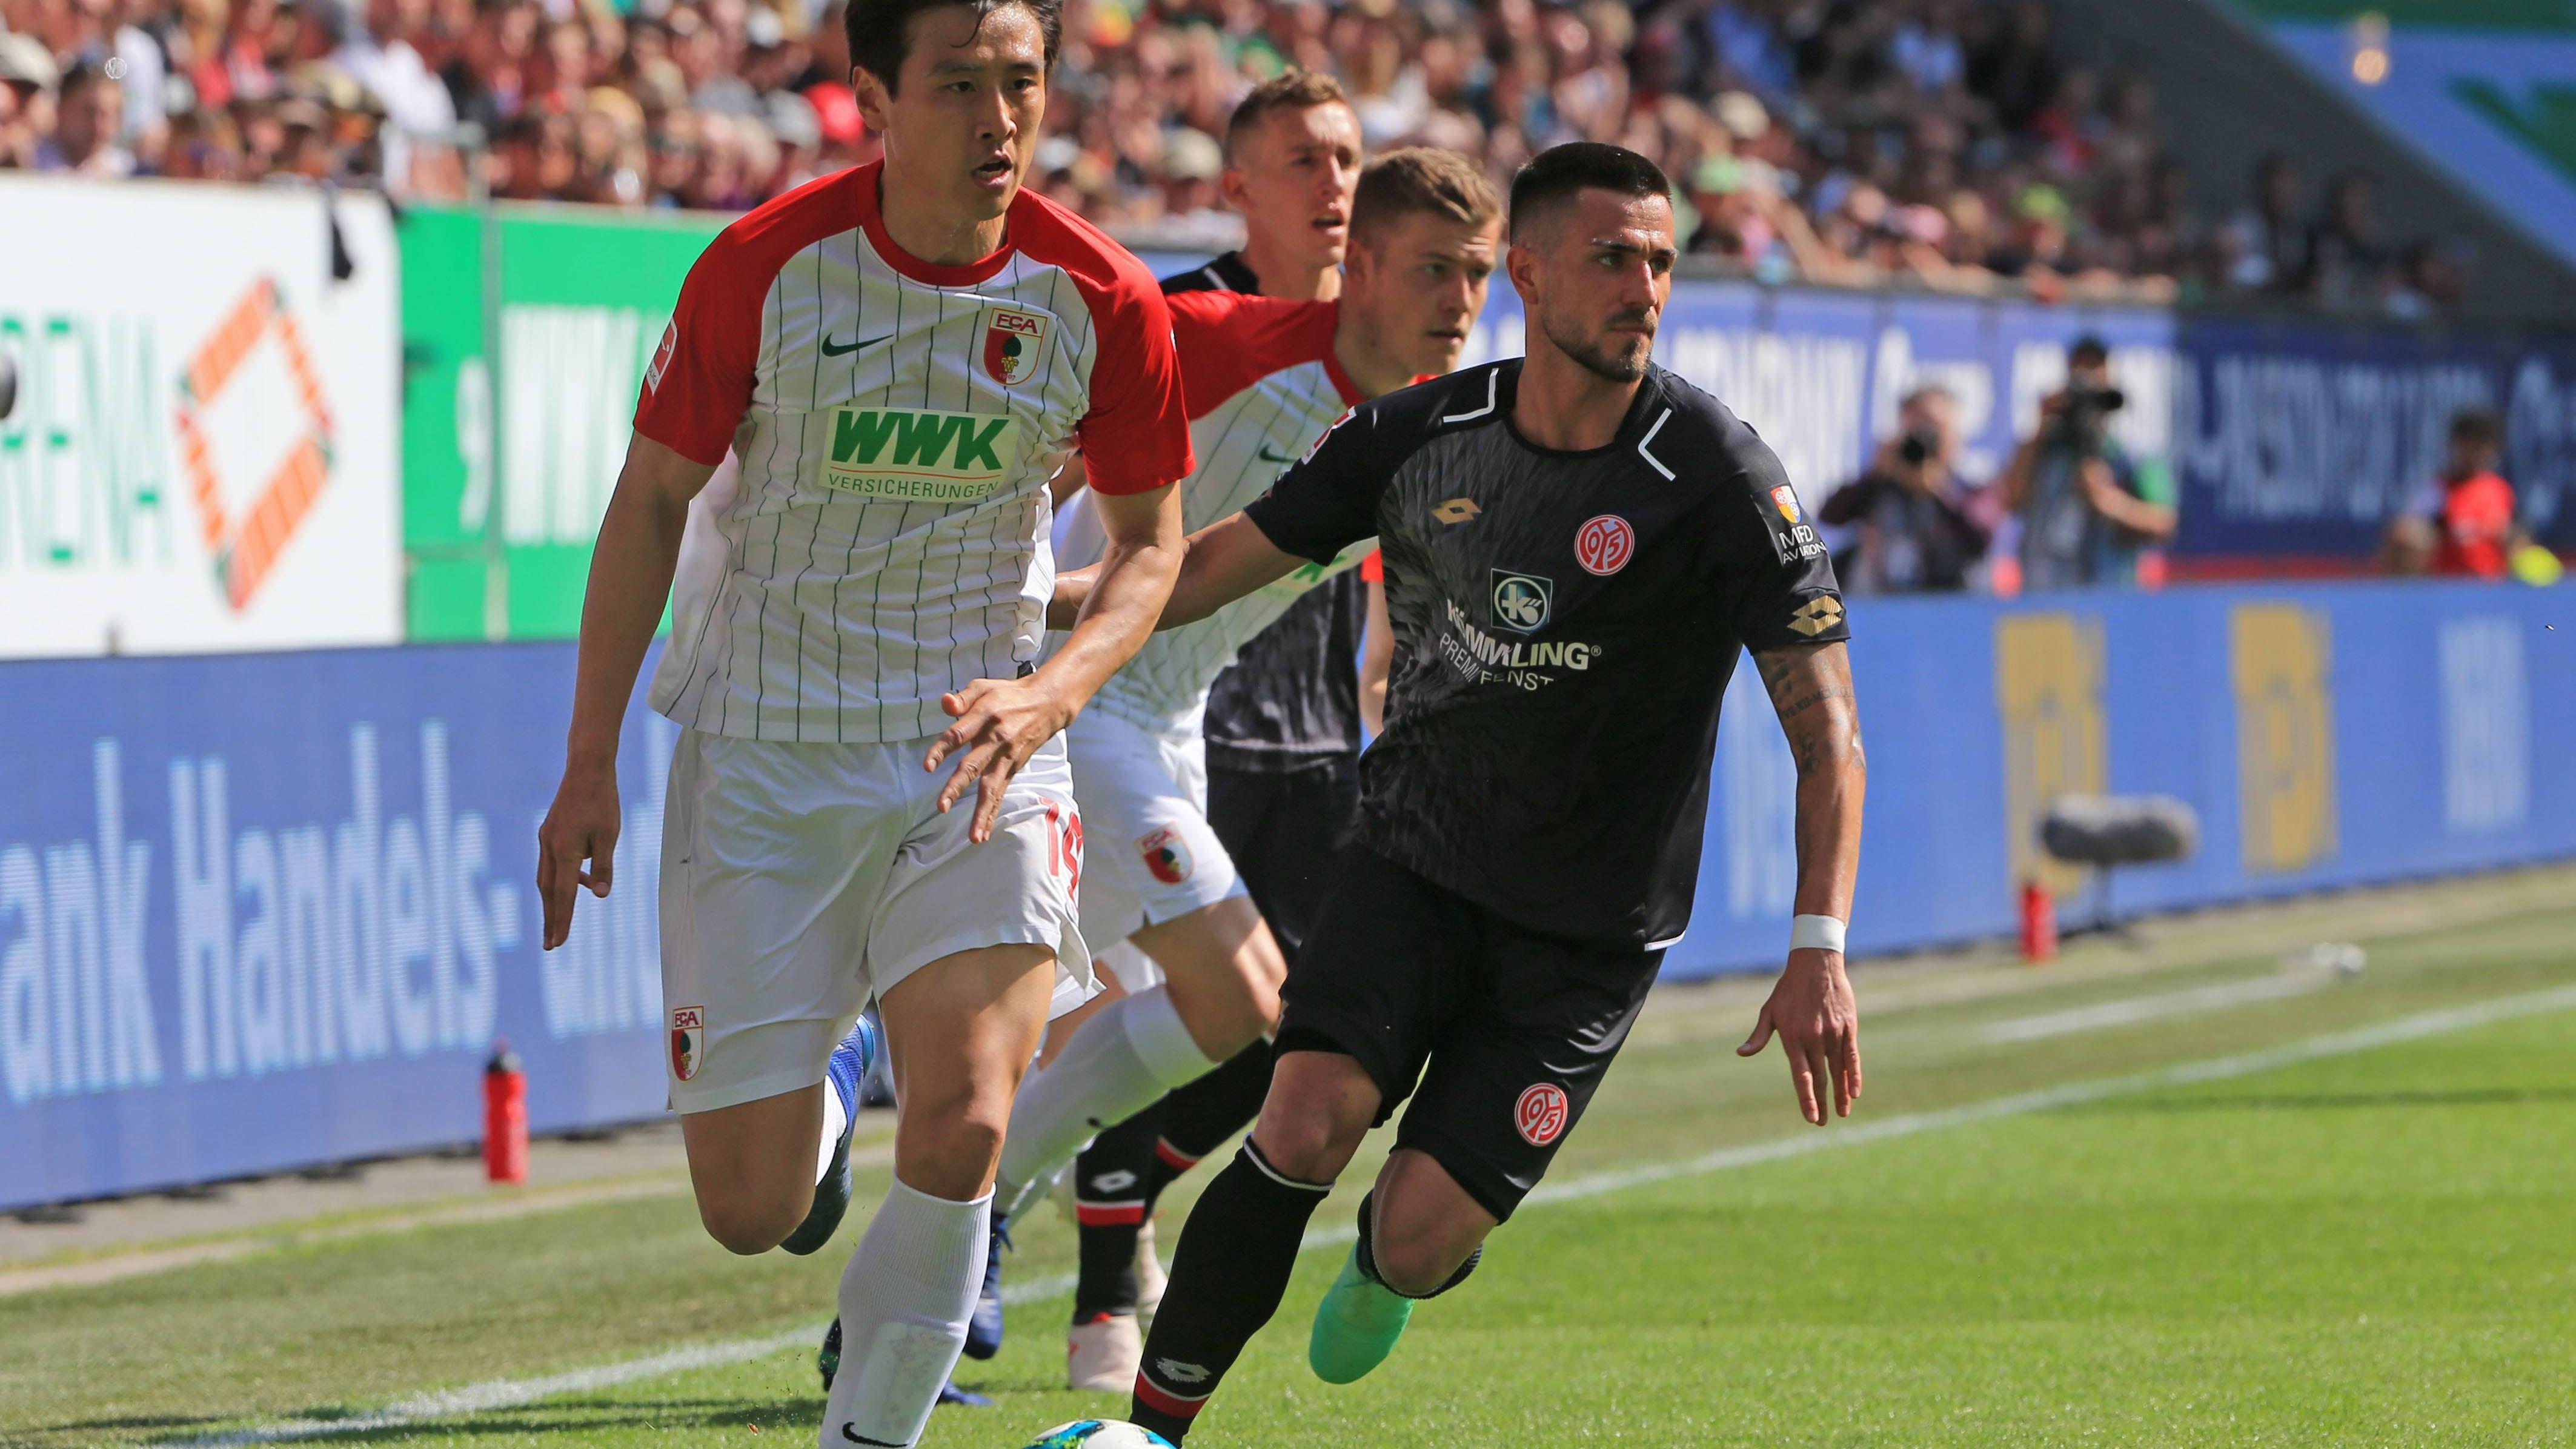 Augsburg schafft den Ligaerhalt (Johannes Krause, ARD)